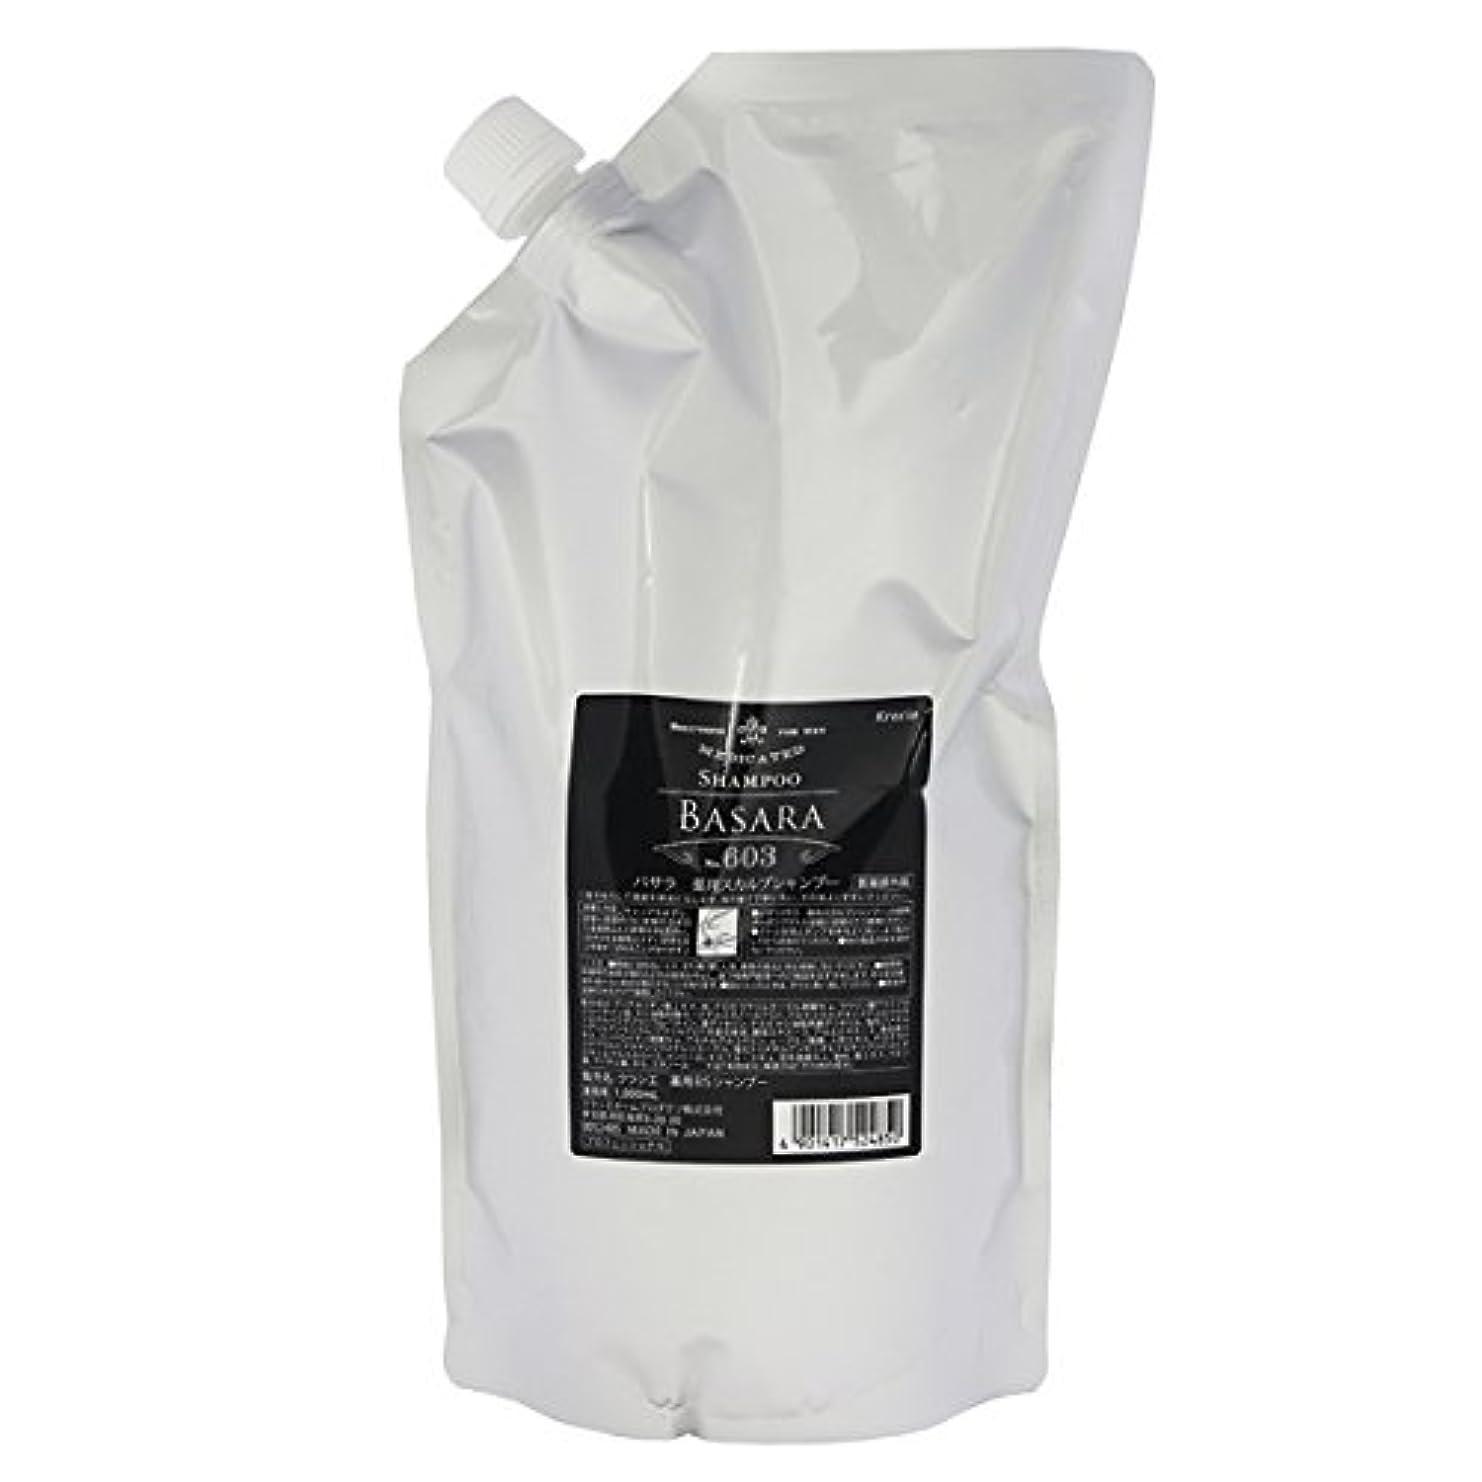 アラートゆでるあまりにもクラシエ バサラ 薬用スカルプ シャンプー 603 1000ml レフィル